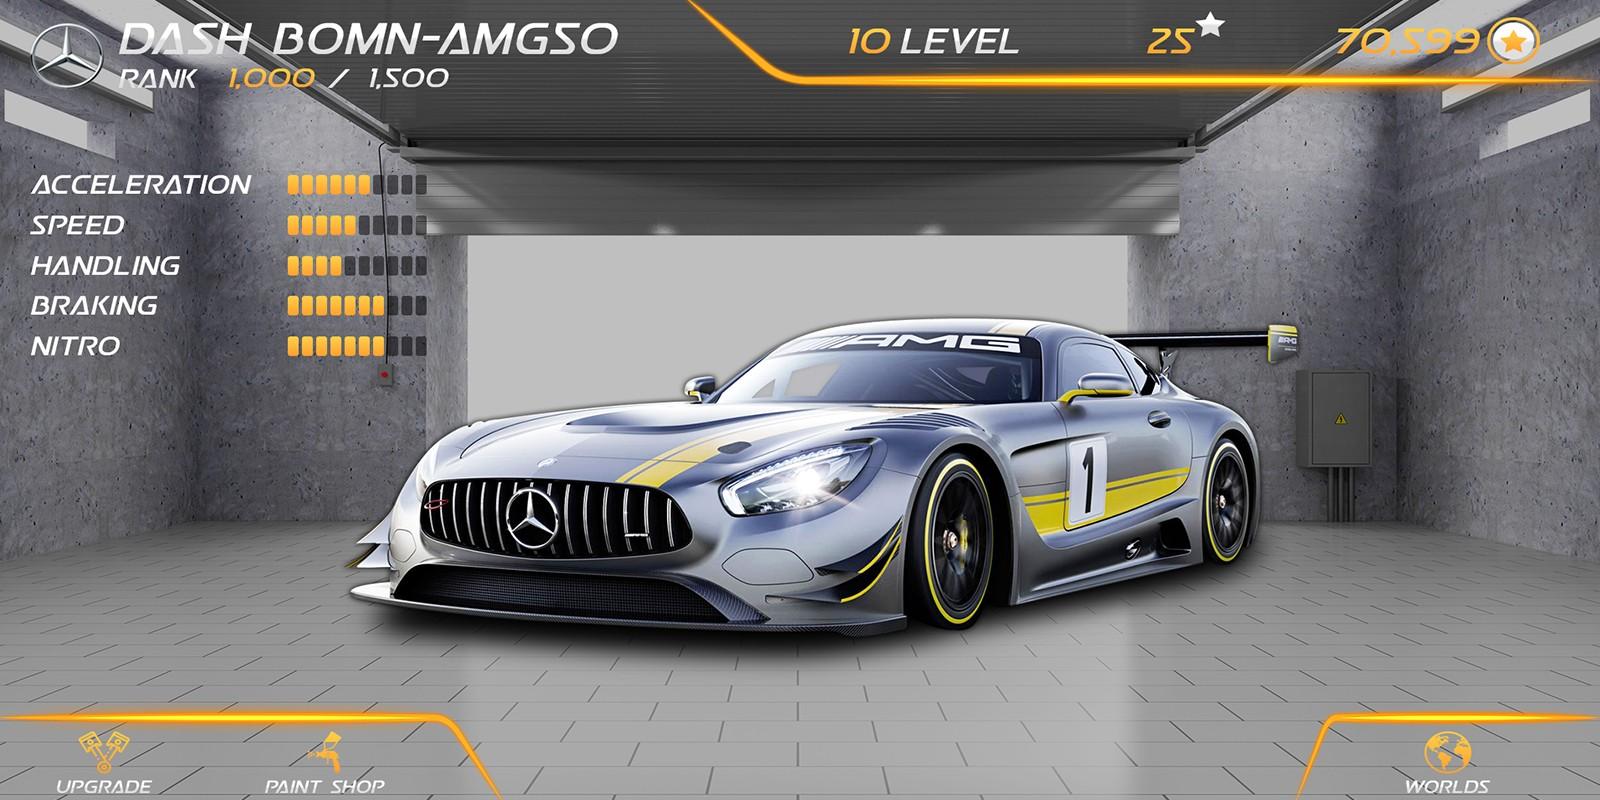 Racing Car Game UI Template Pack 4